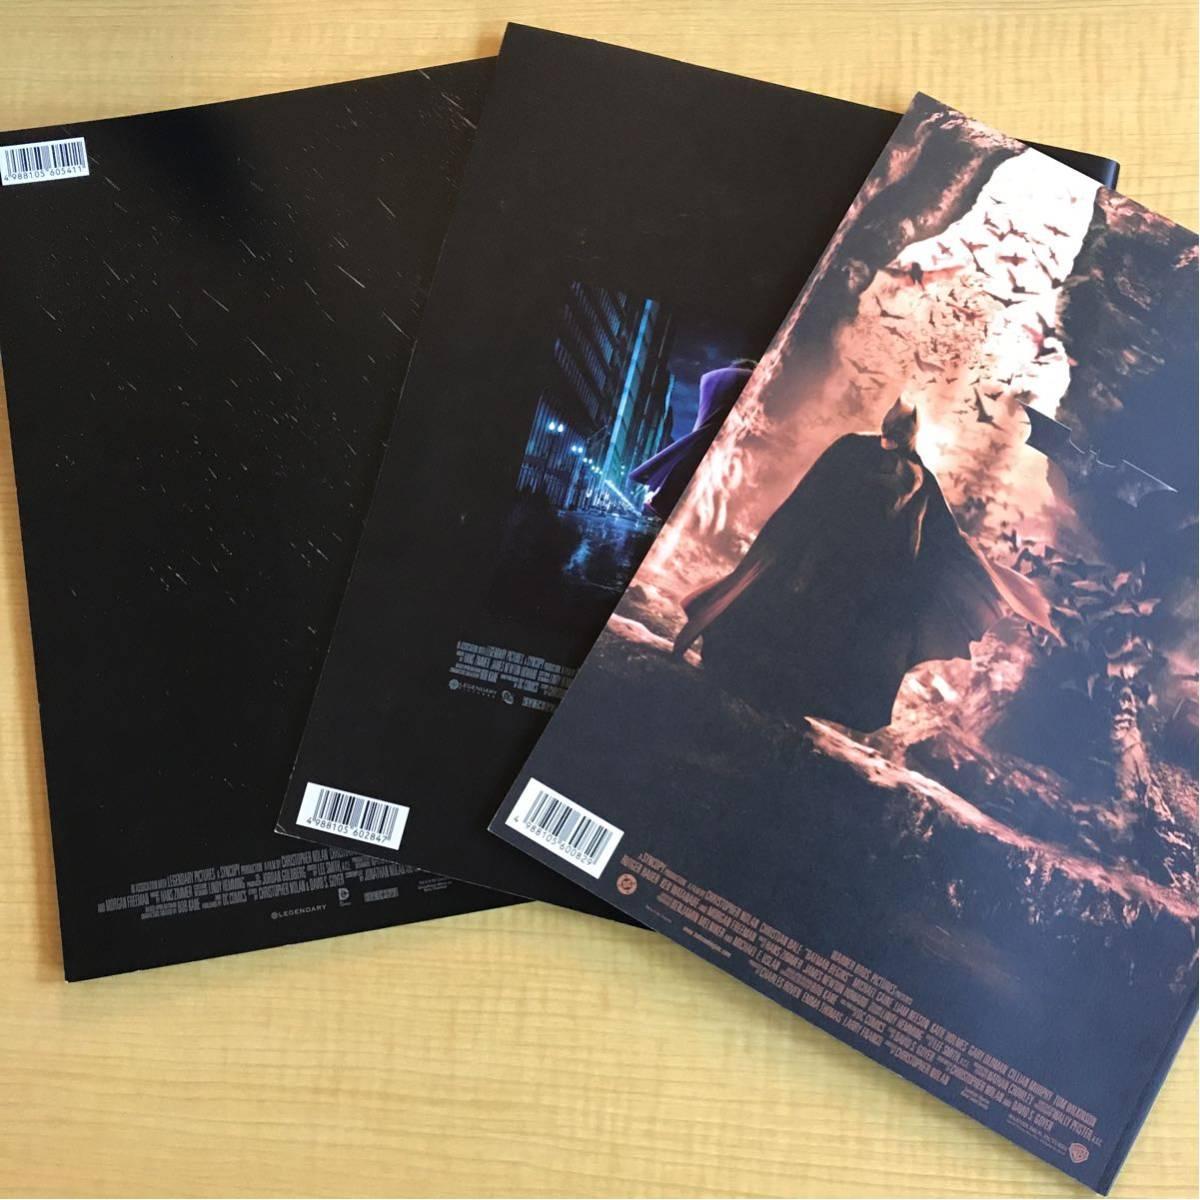 「バットマン ビギンズ・ダークナイト・ライジング」 映画パンフレット3冊セット_画像2